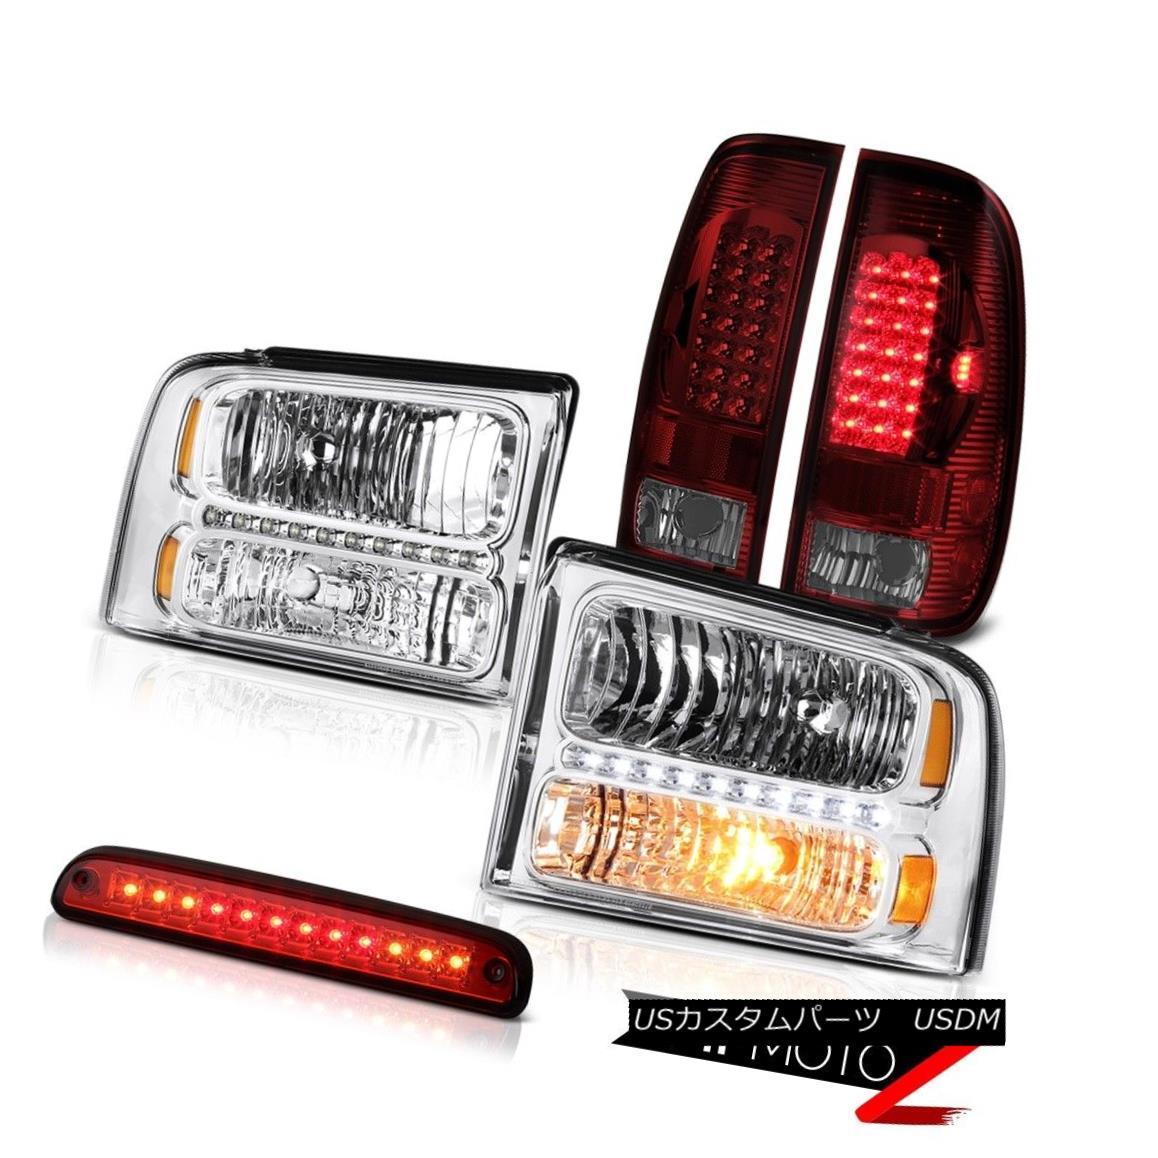 ヘッドライト 05-07 F250 F350 Left Right Front Headlights Dark Red LED Brake Tail Lights 3rd 05-07 F250 F350左右フロントヘッドライトダークレッドLEDブレーキテールライト3rd